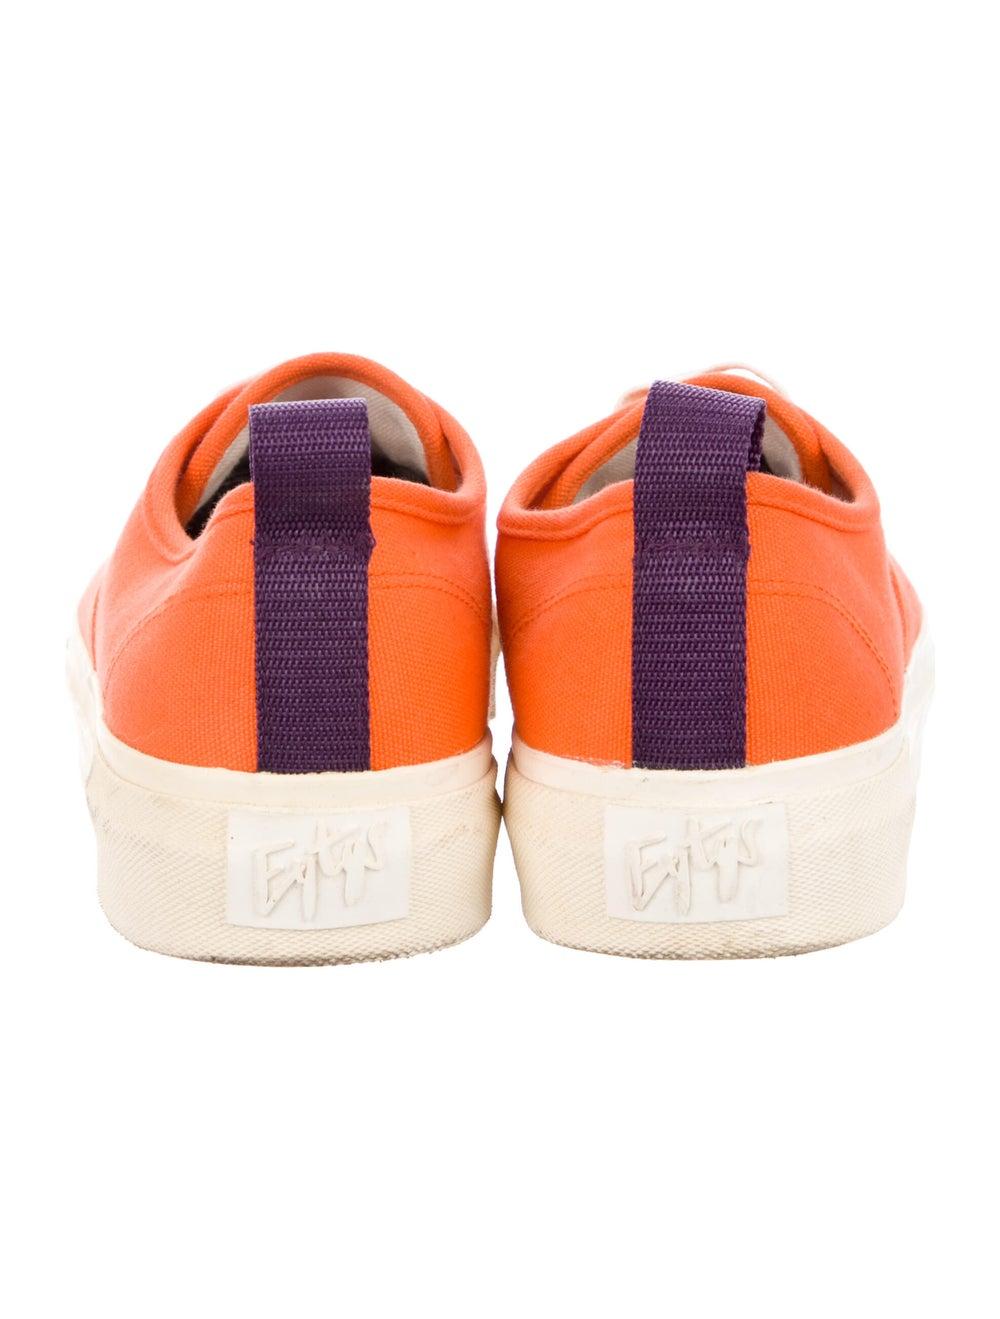 Eytys Sneakers Orange - image 4